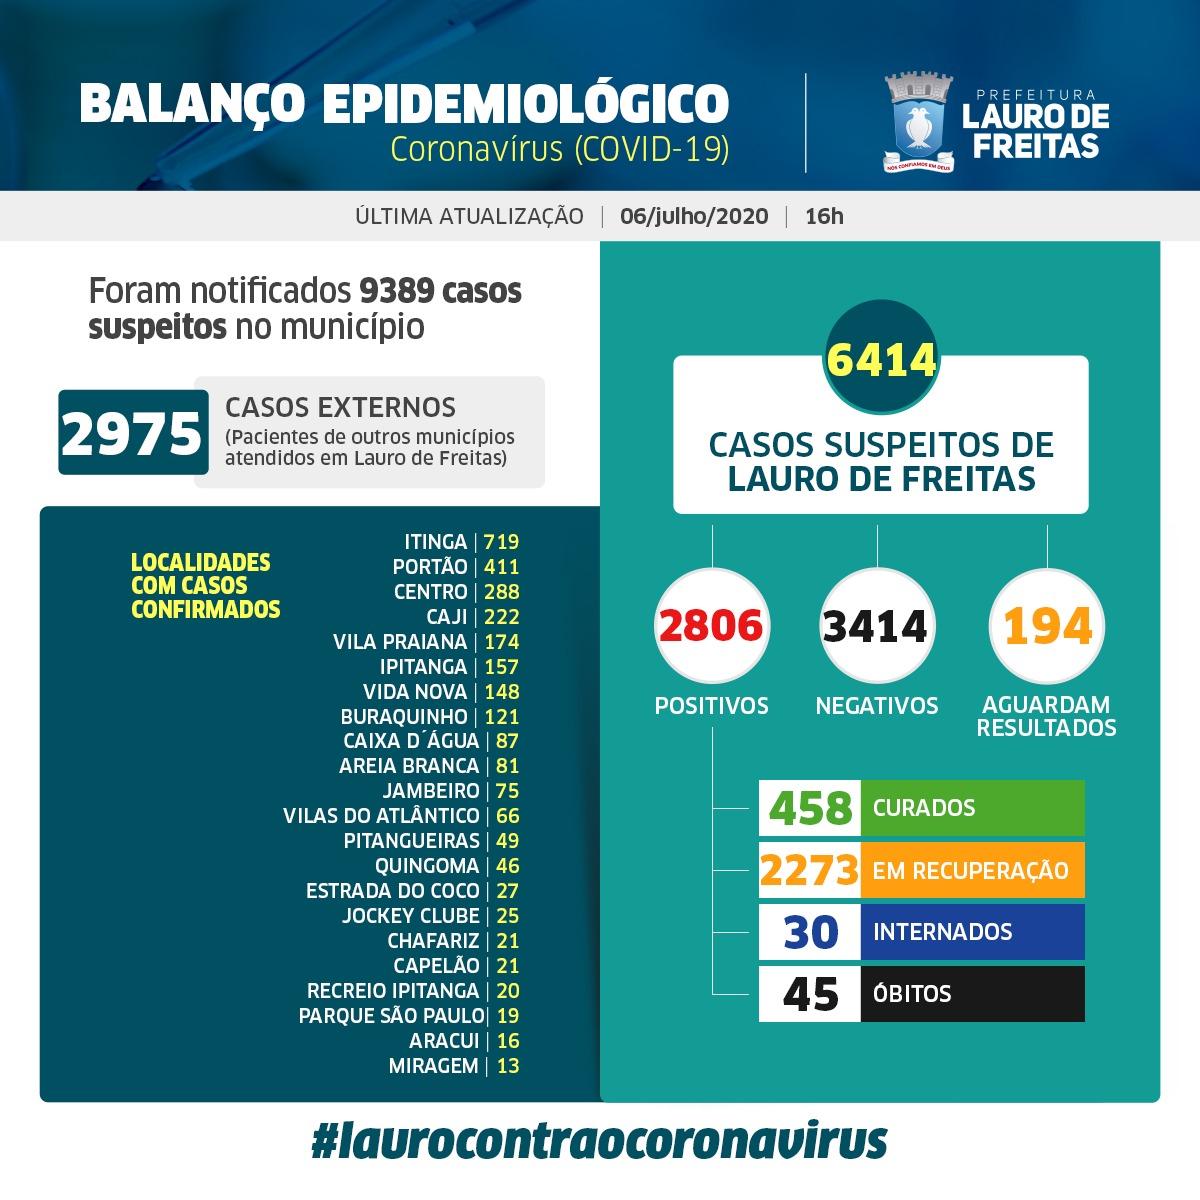 Lauro de Freitas registra 2806 casos confirmados da Covid-19 com 458 curados